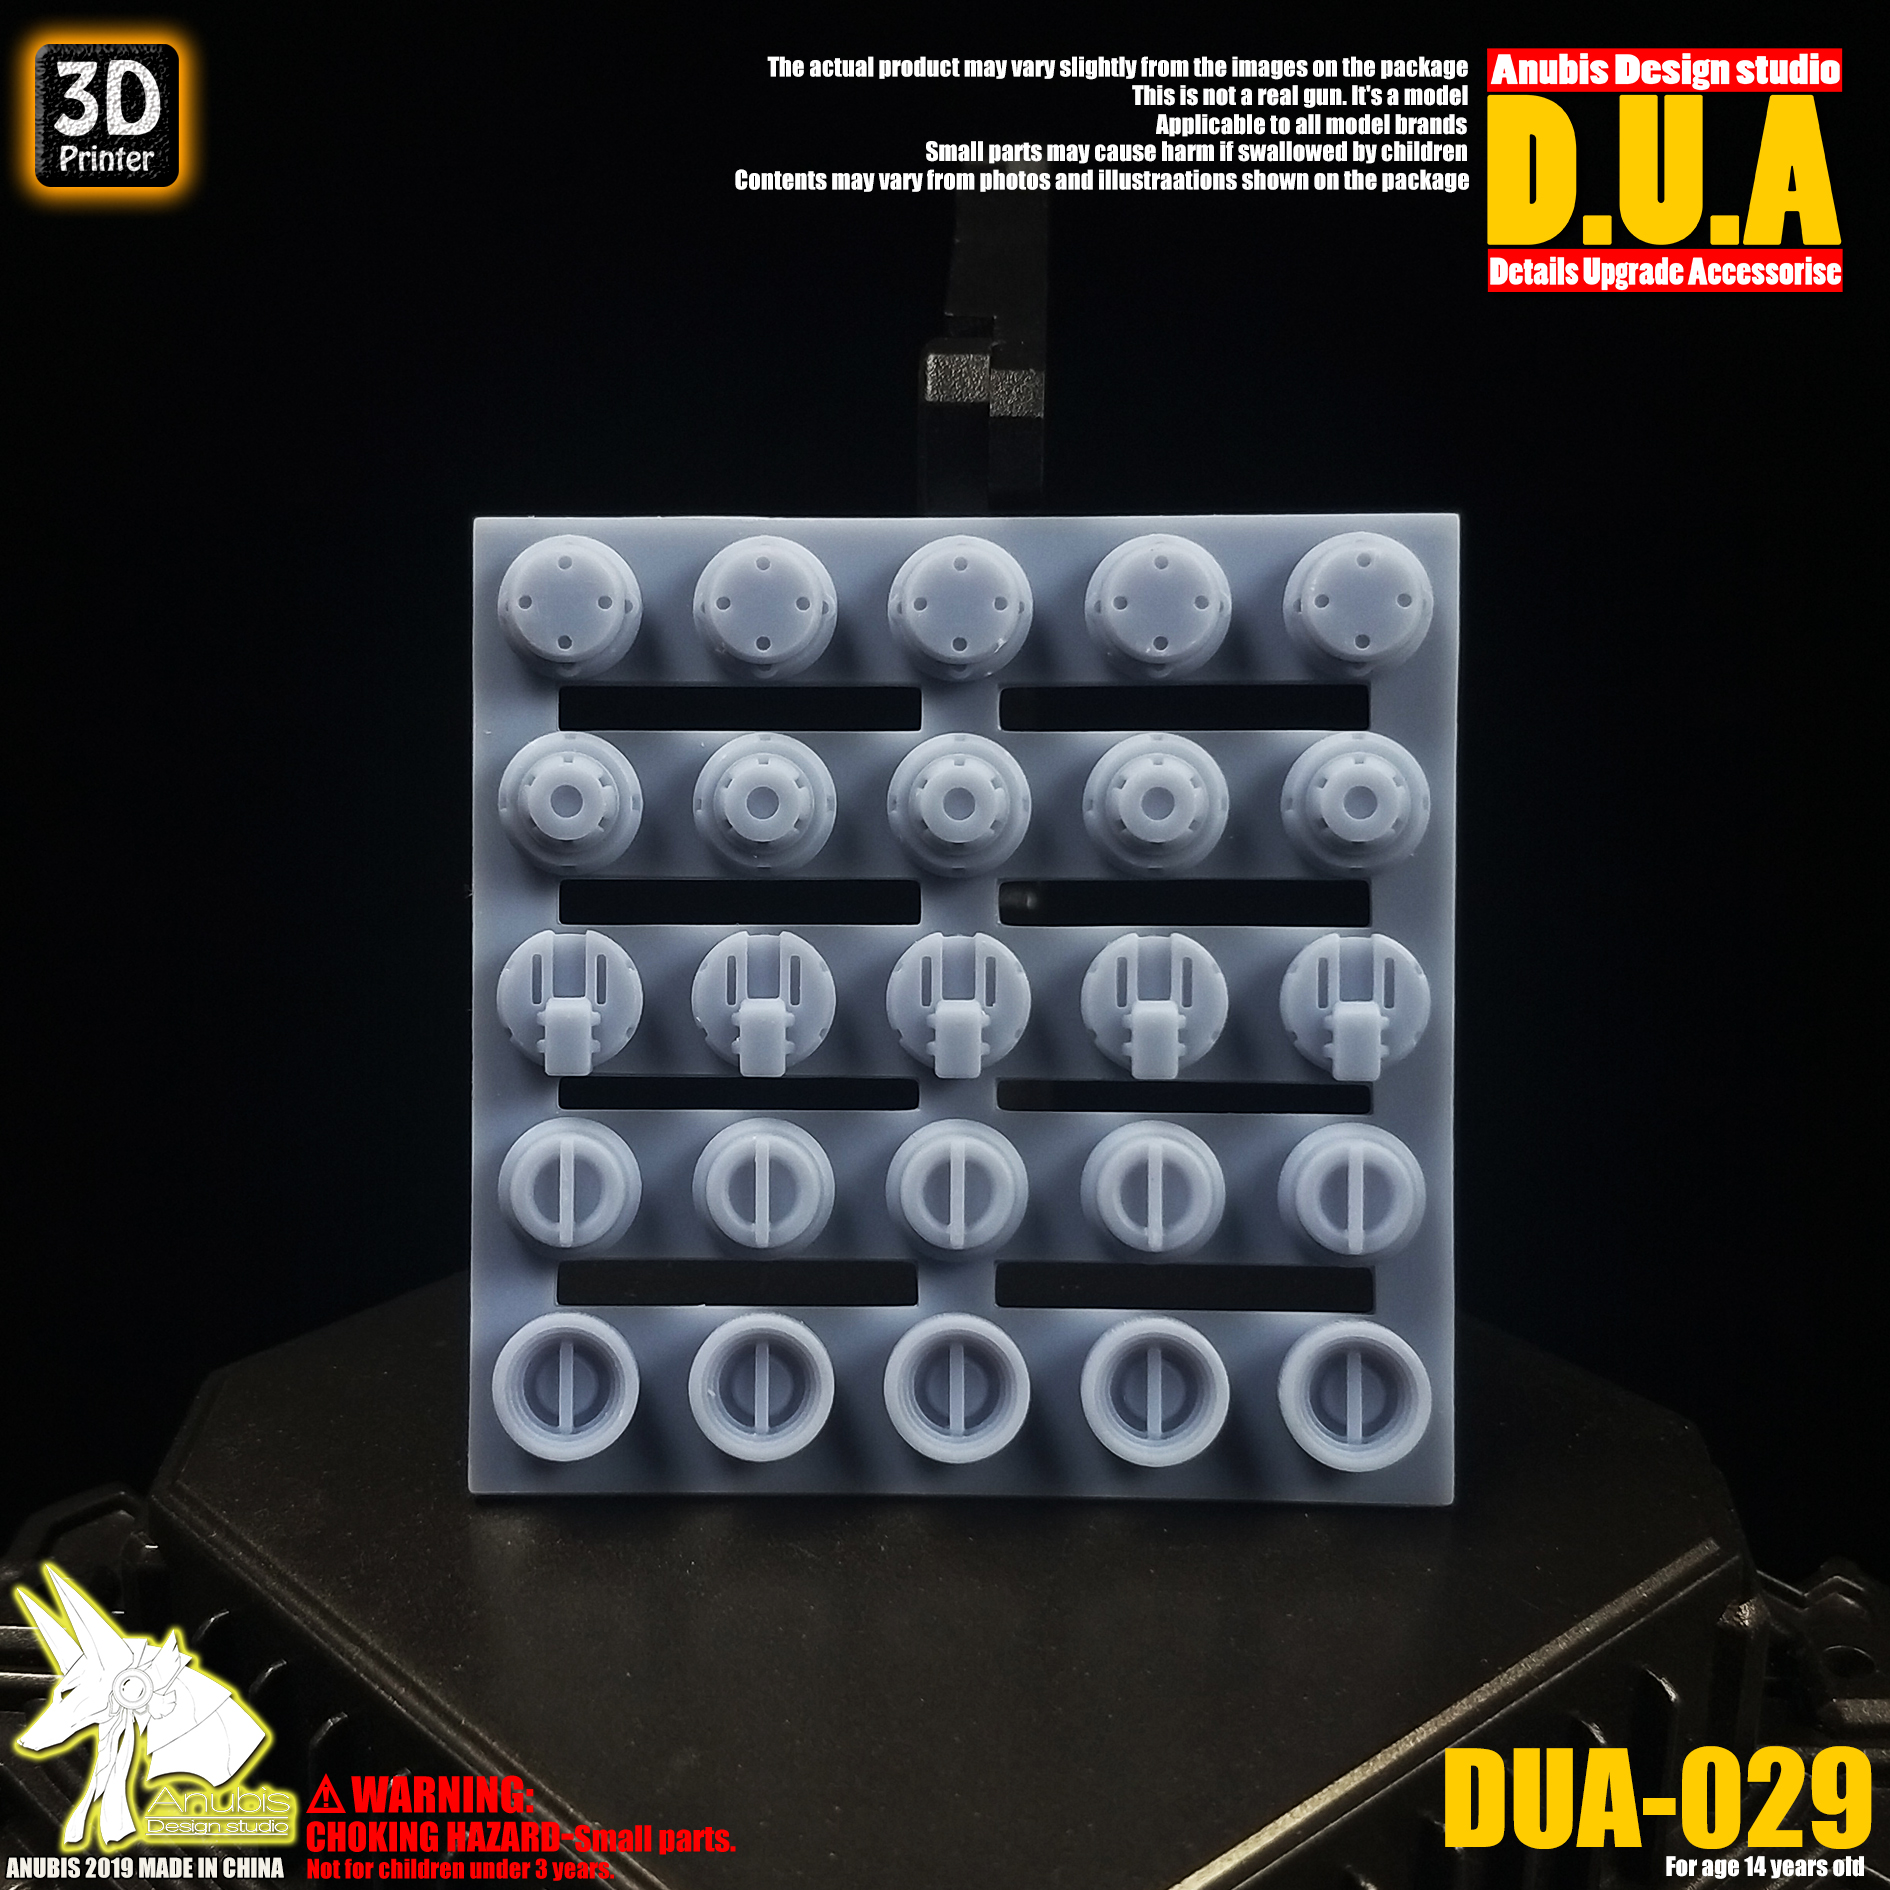 G413_DUA029_002.jpg